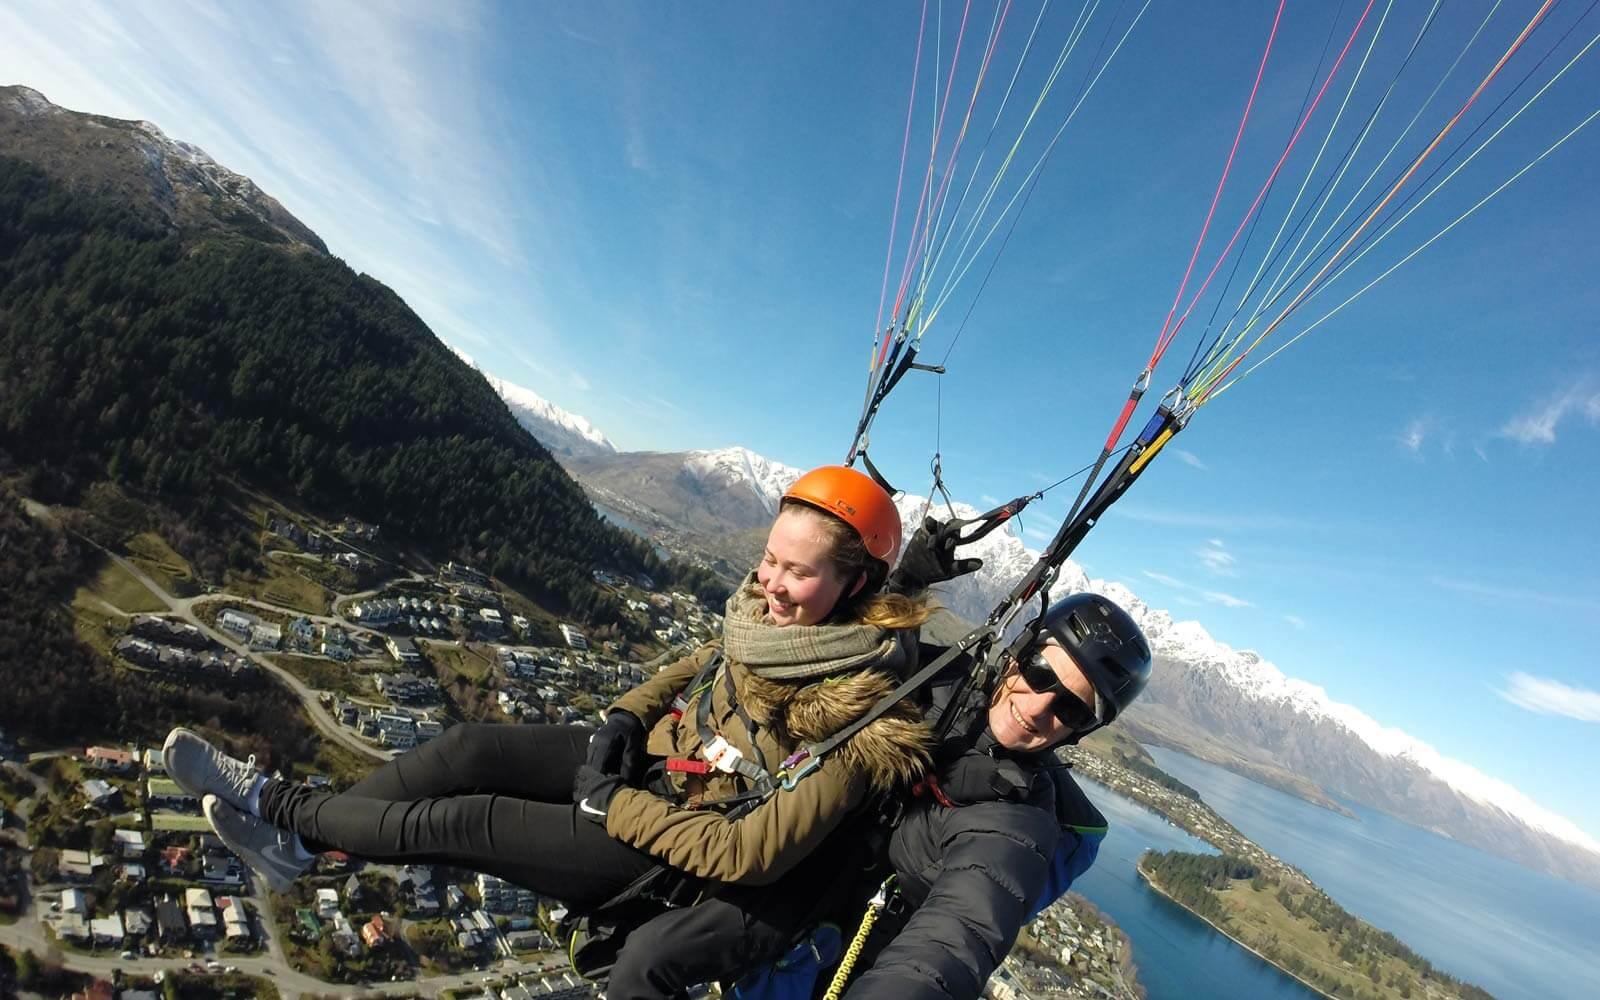 Stina beim Paragliding in Queenstown, Neuseeland